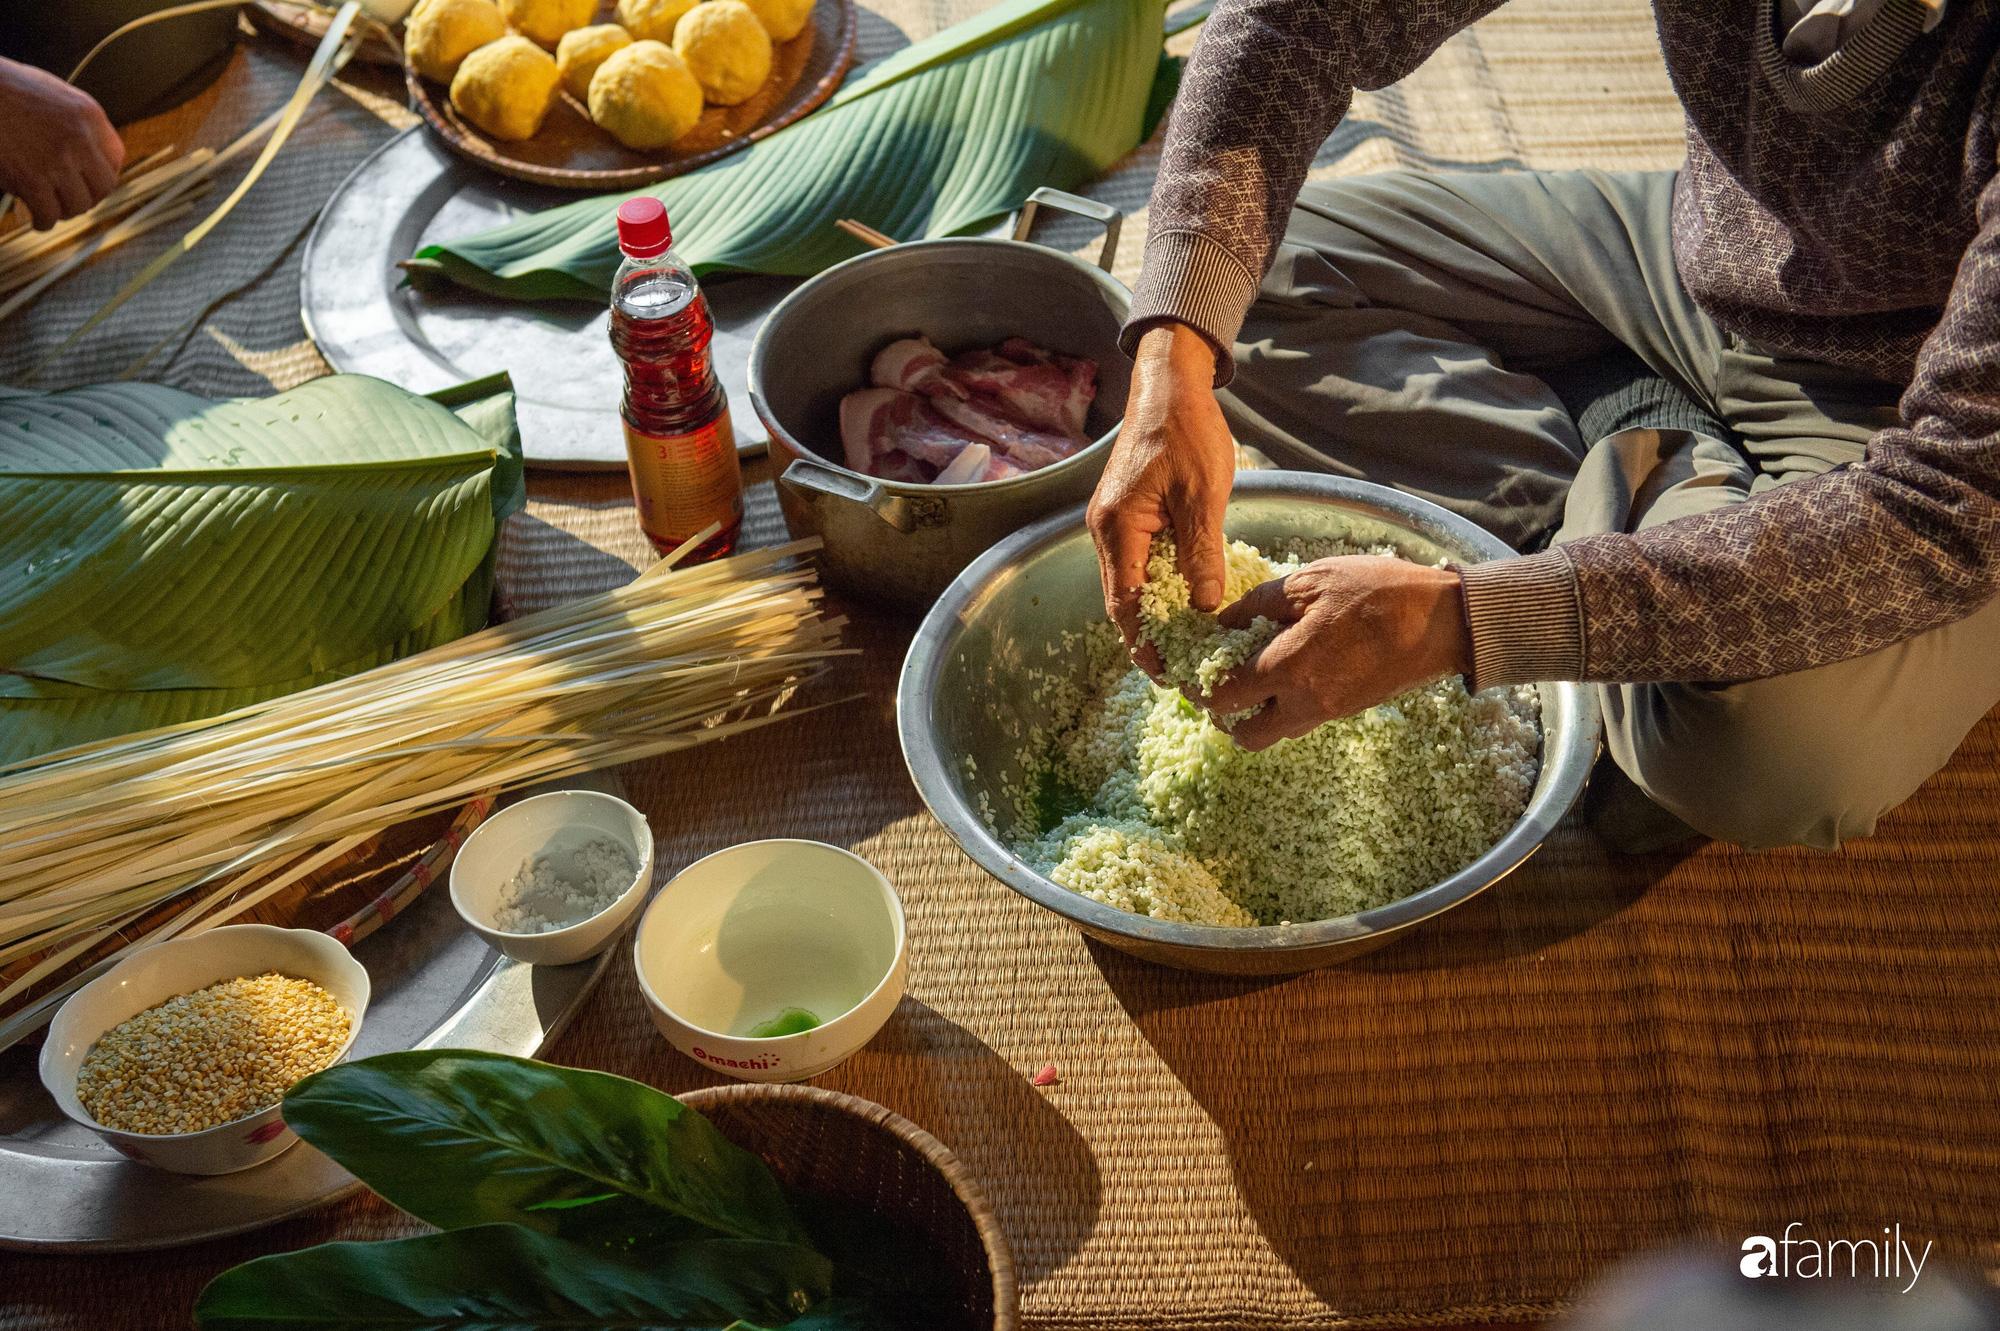 Bánh chưng, bánh tét - tinh hoa nghìn năm lúa nước trên bàn thờ Việt và những biến thể duyên dáng thời hiện đại - Ảnh 20.